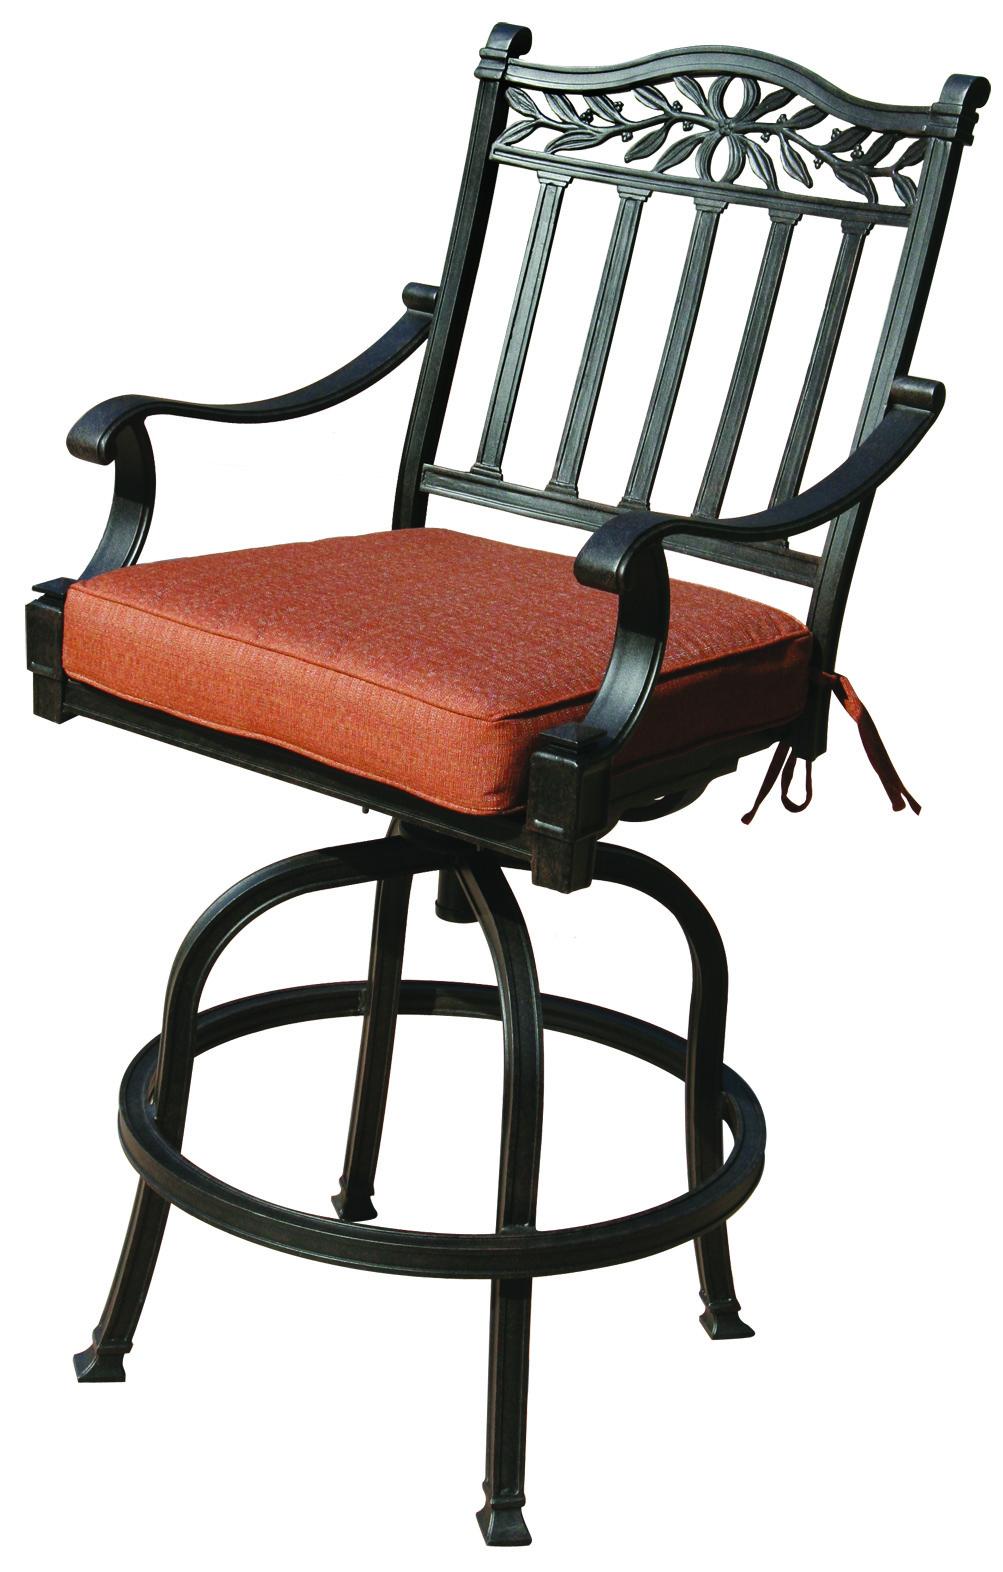 Patio Furniture Cast Aluminum Pub Chair Charleston